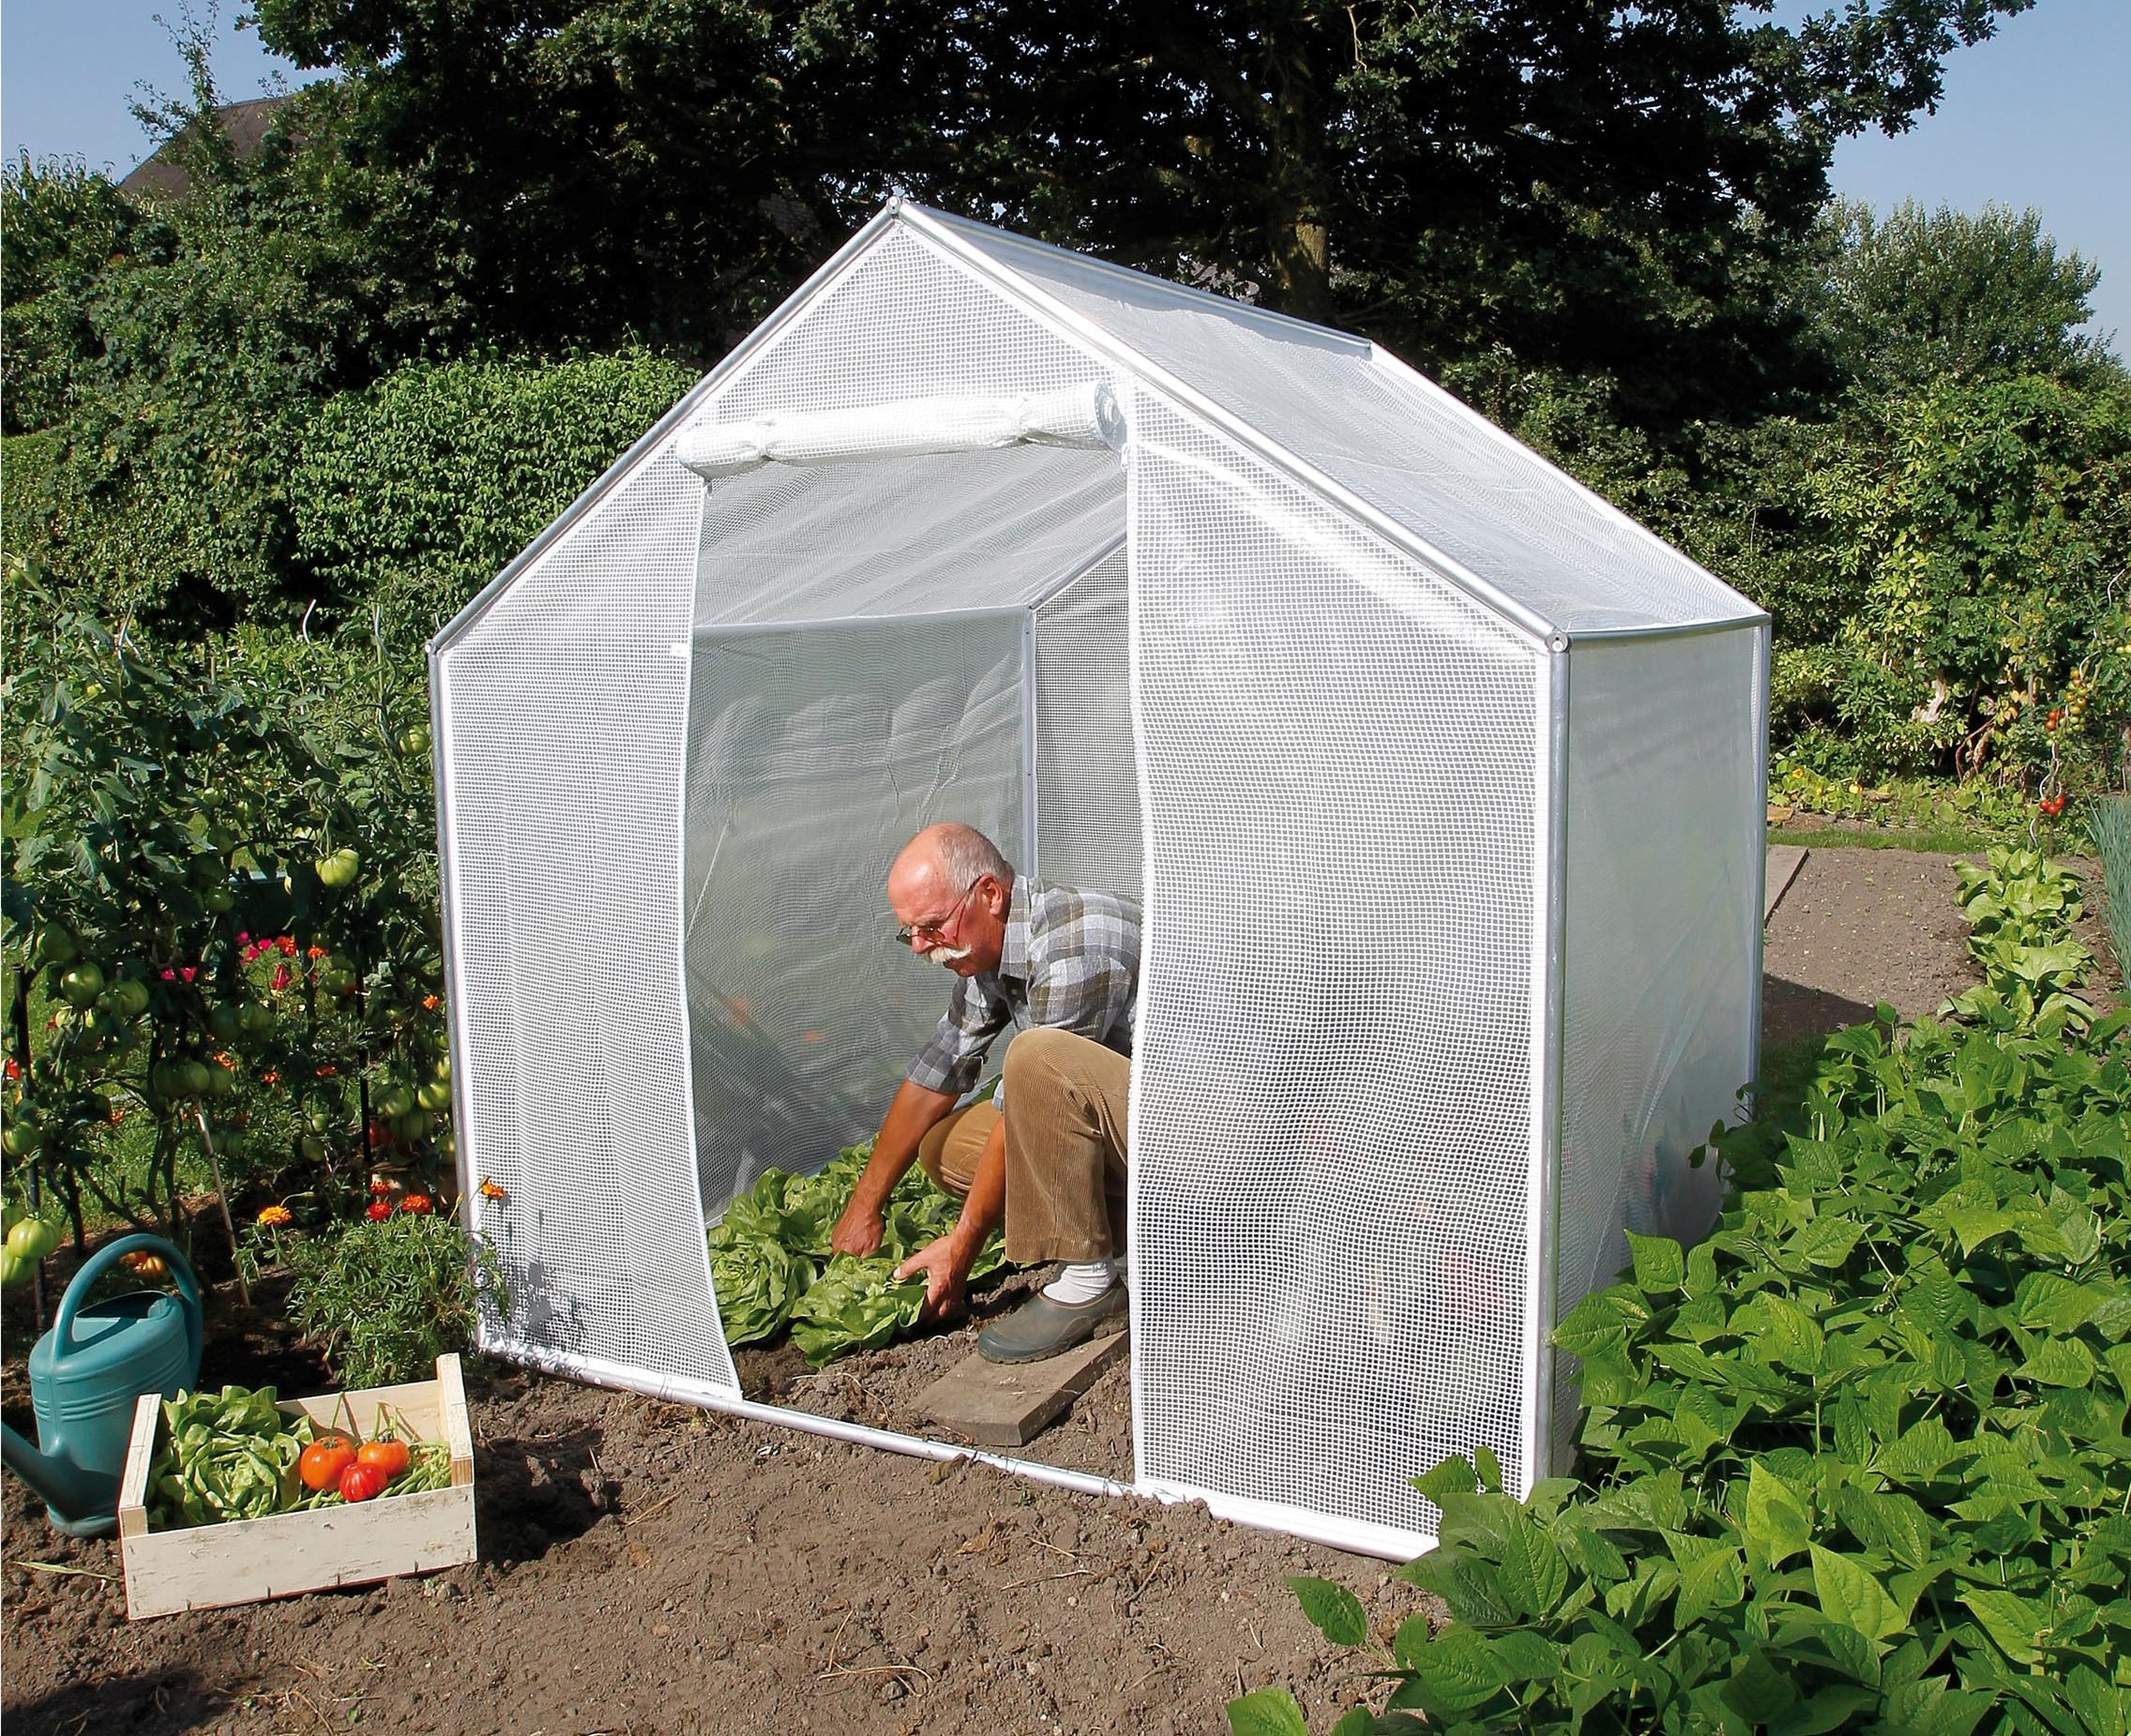 Serre abri de jardin 4m for age et protection jardinet - Protection toit abri de jardin ...